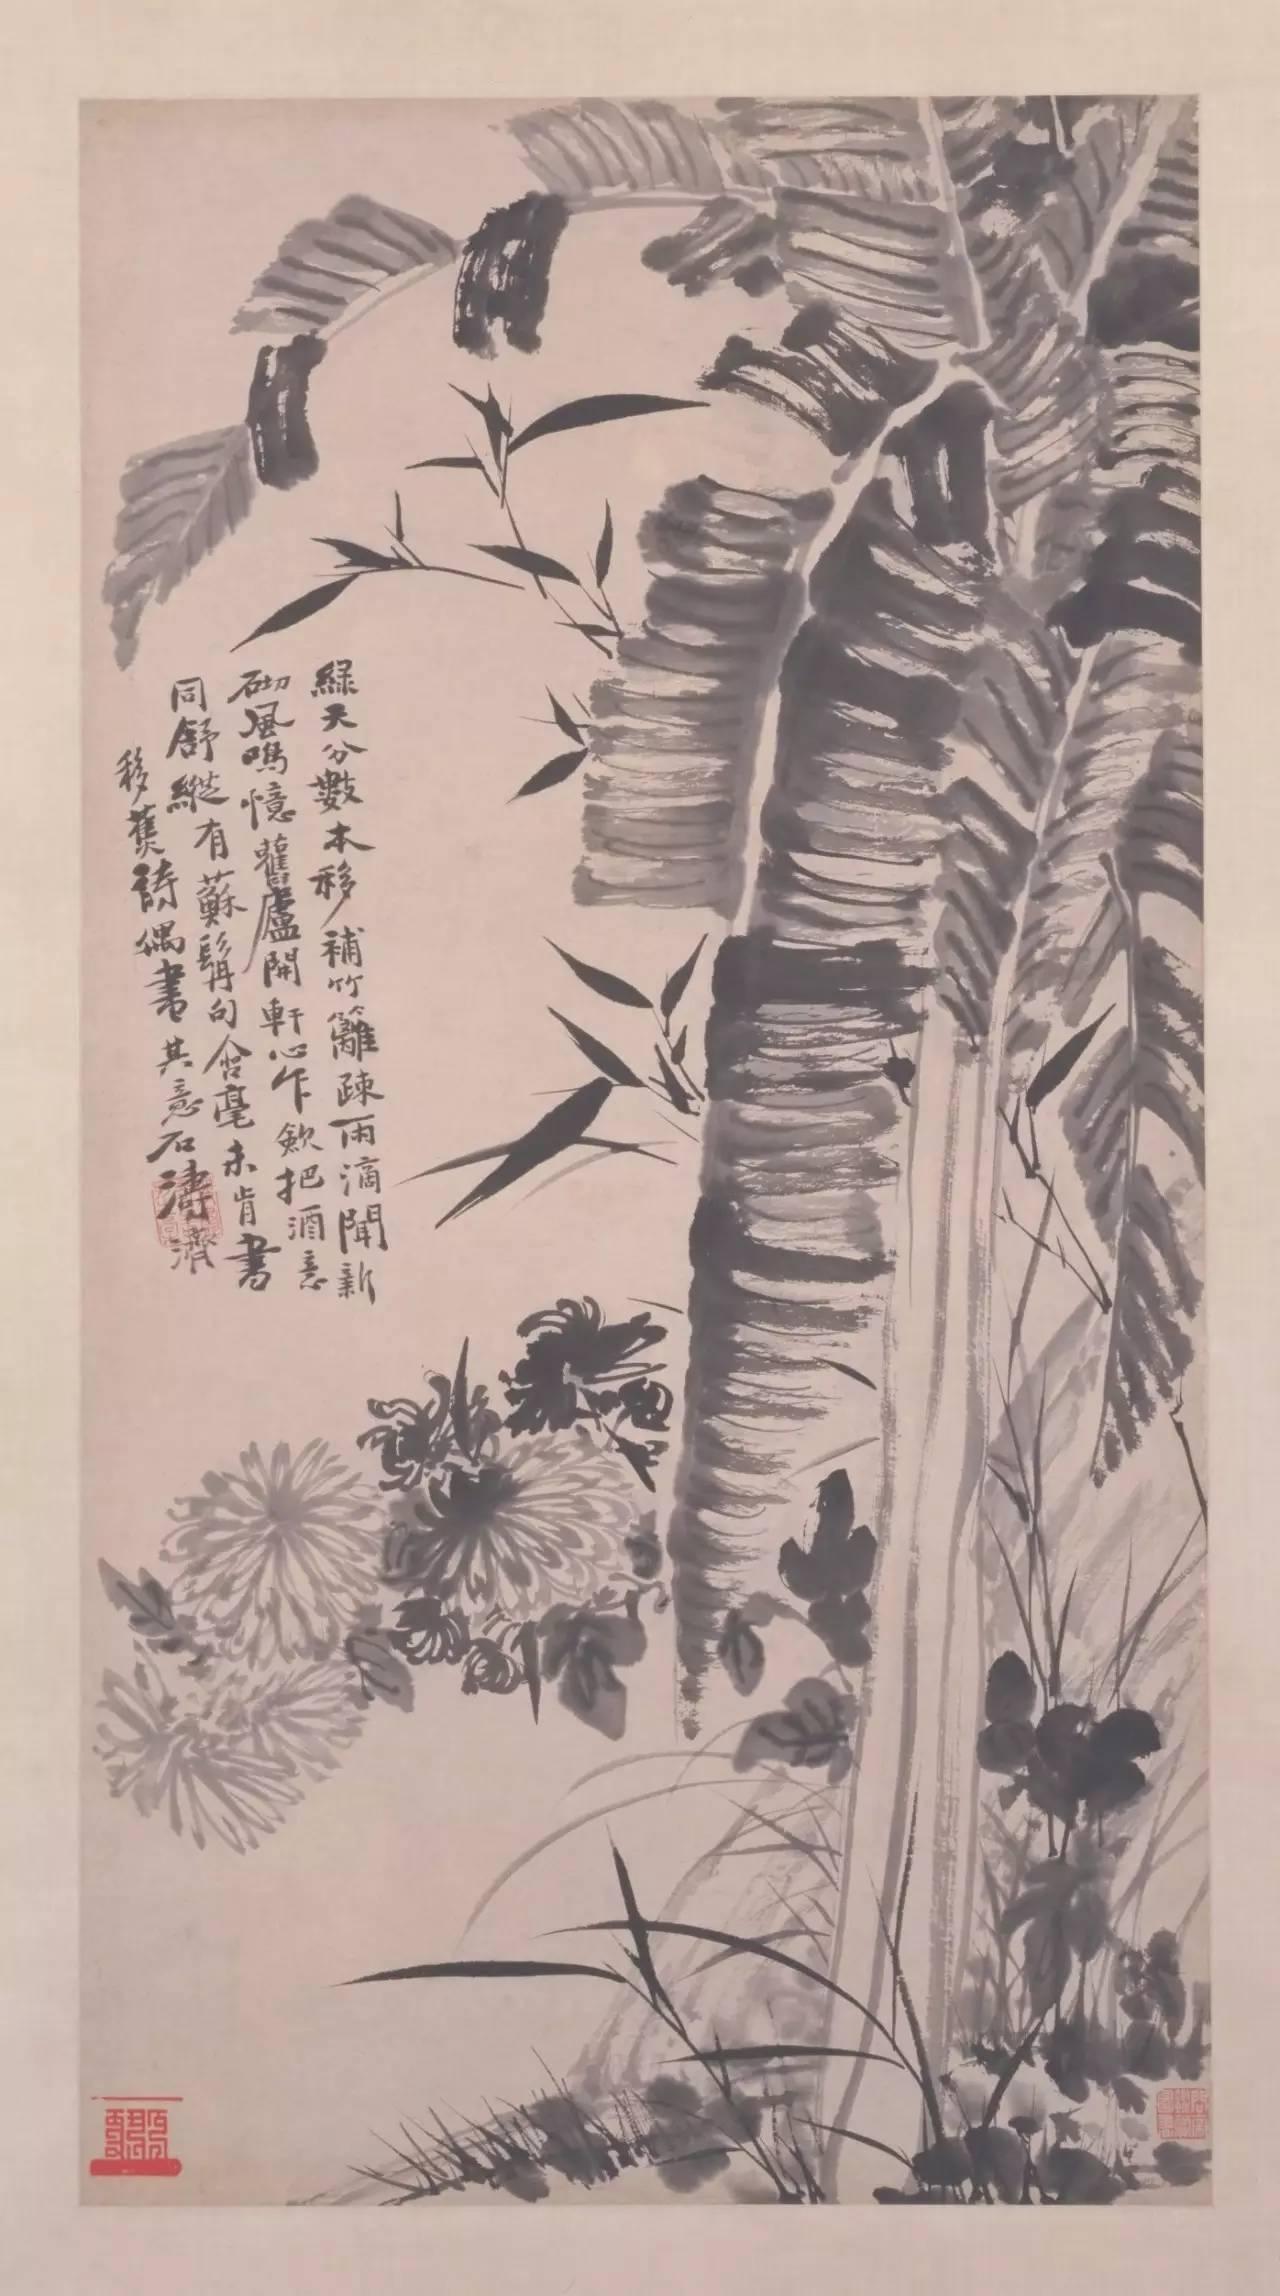 石涛 蕉菊图 轴